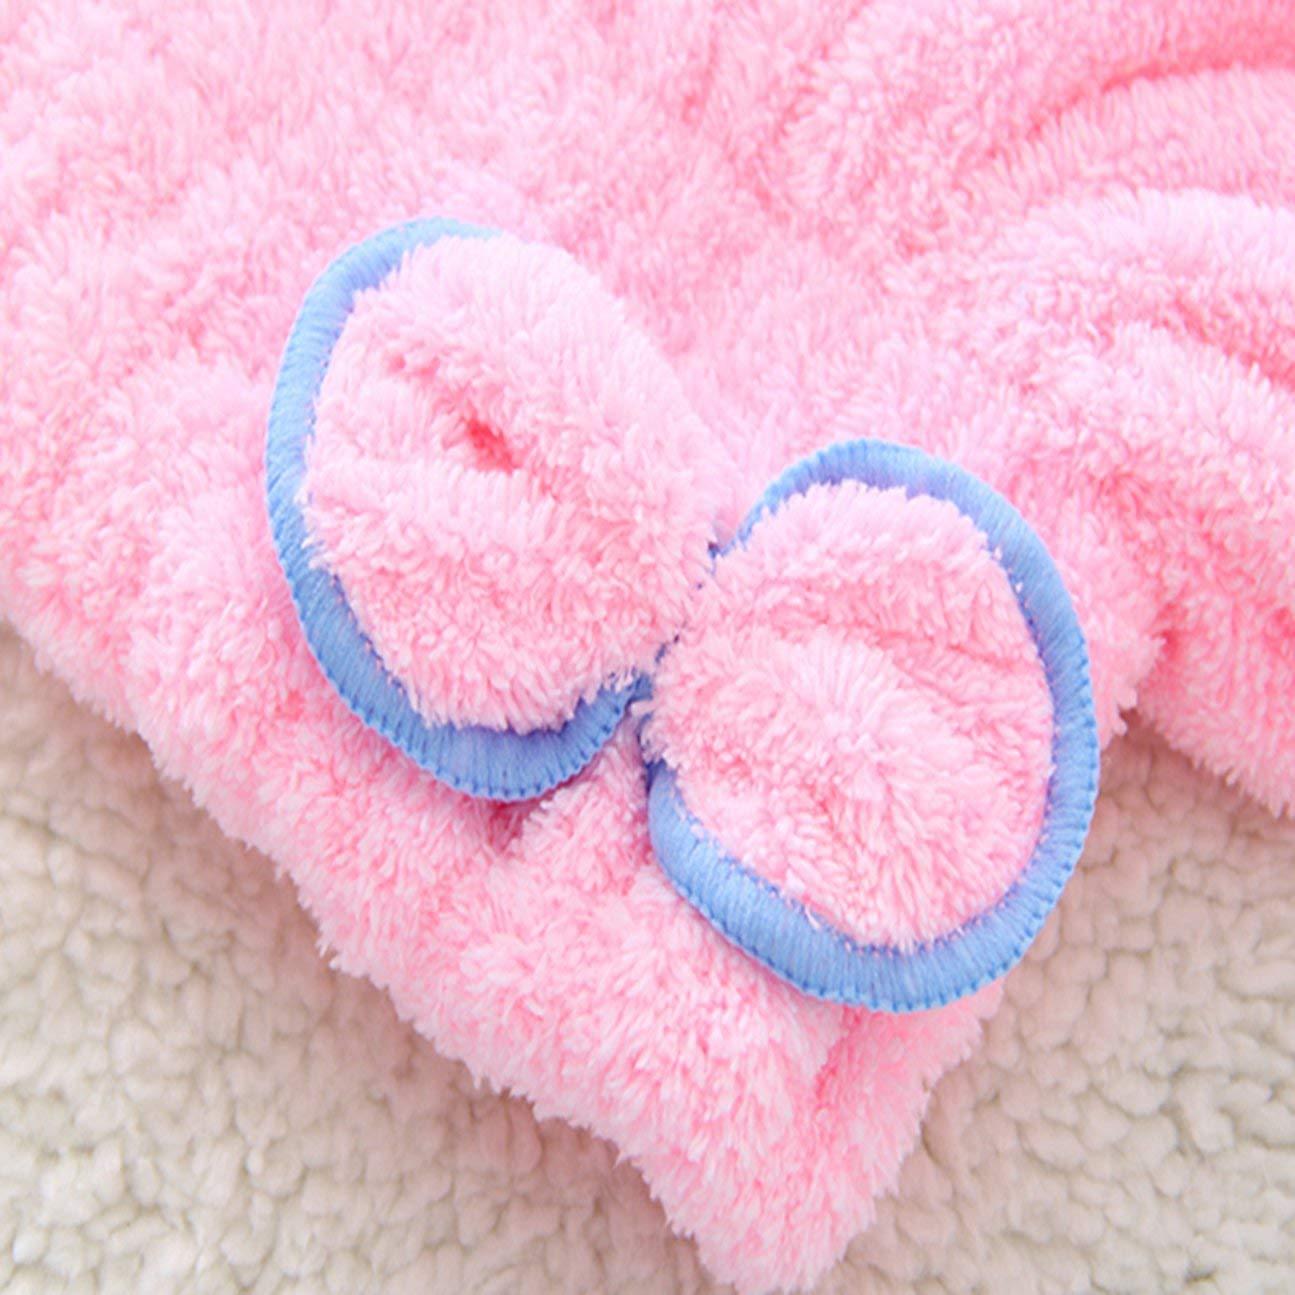 MachinYesell S/échage Rapide S/échage des Cheveux Chapeau Wrap Cap Baignade Super Absorbant Doux Velvet Bonnet de Douche pour Adultes Femme Salle de Bain Fournitures Rose